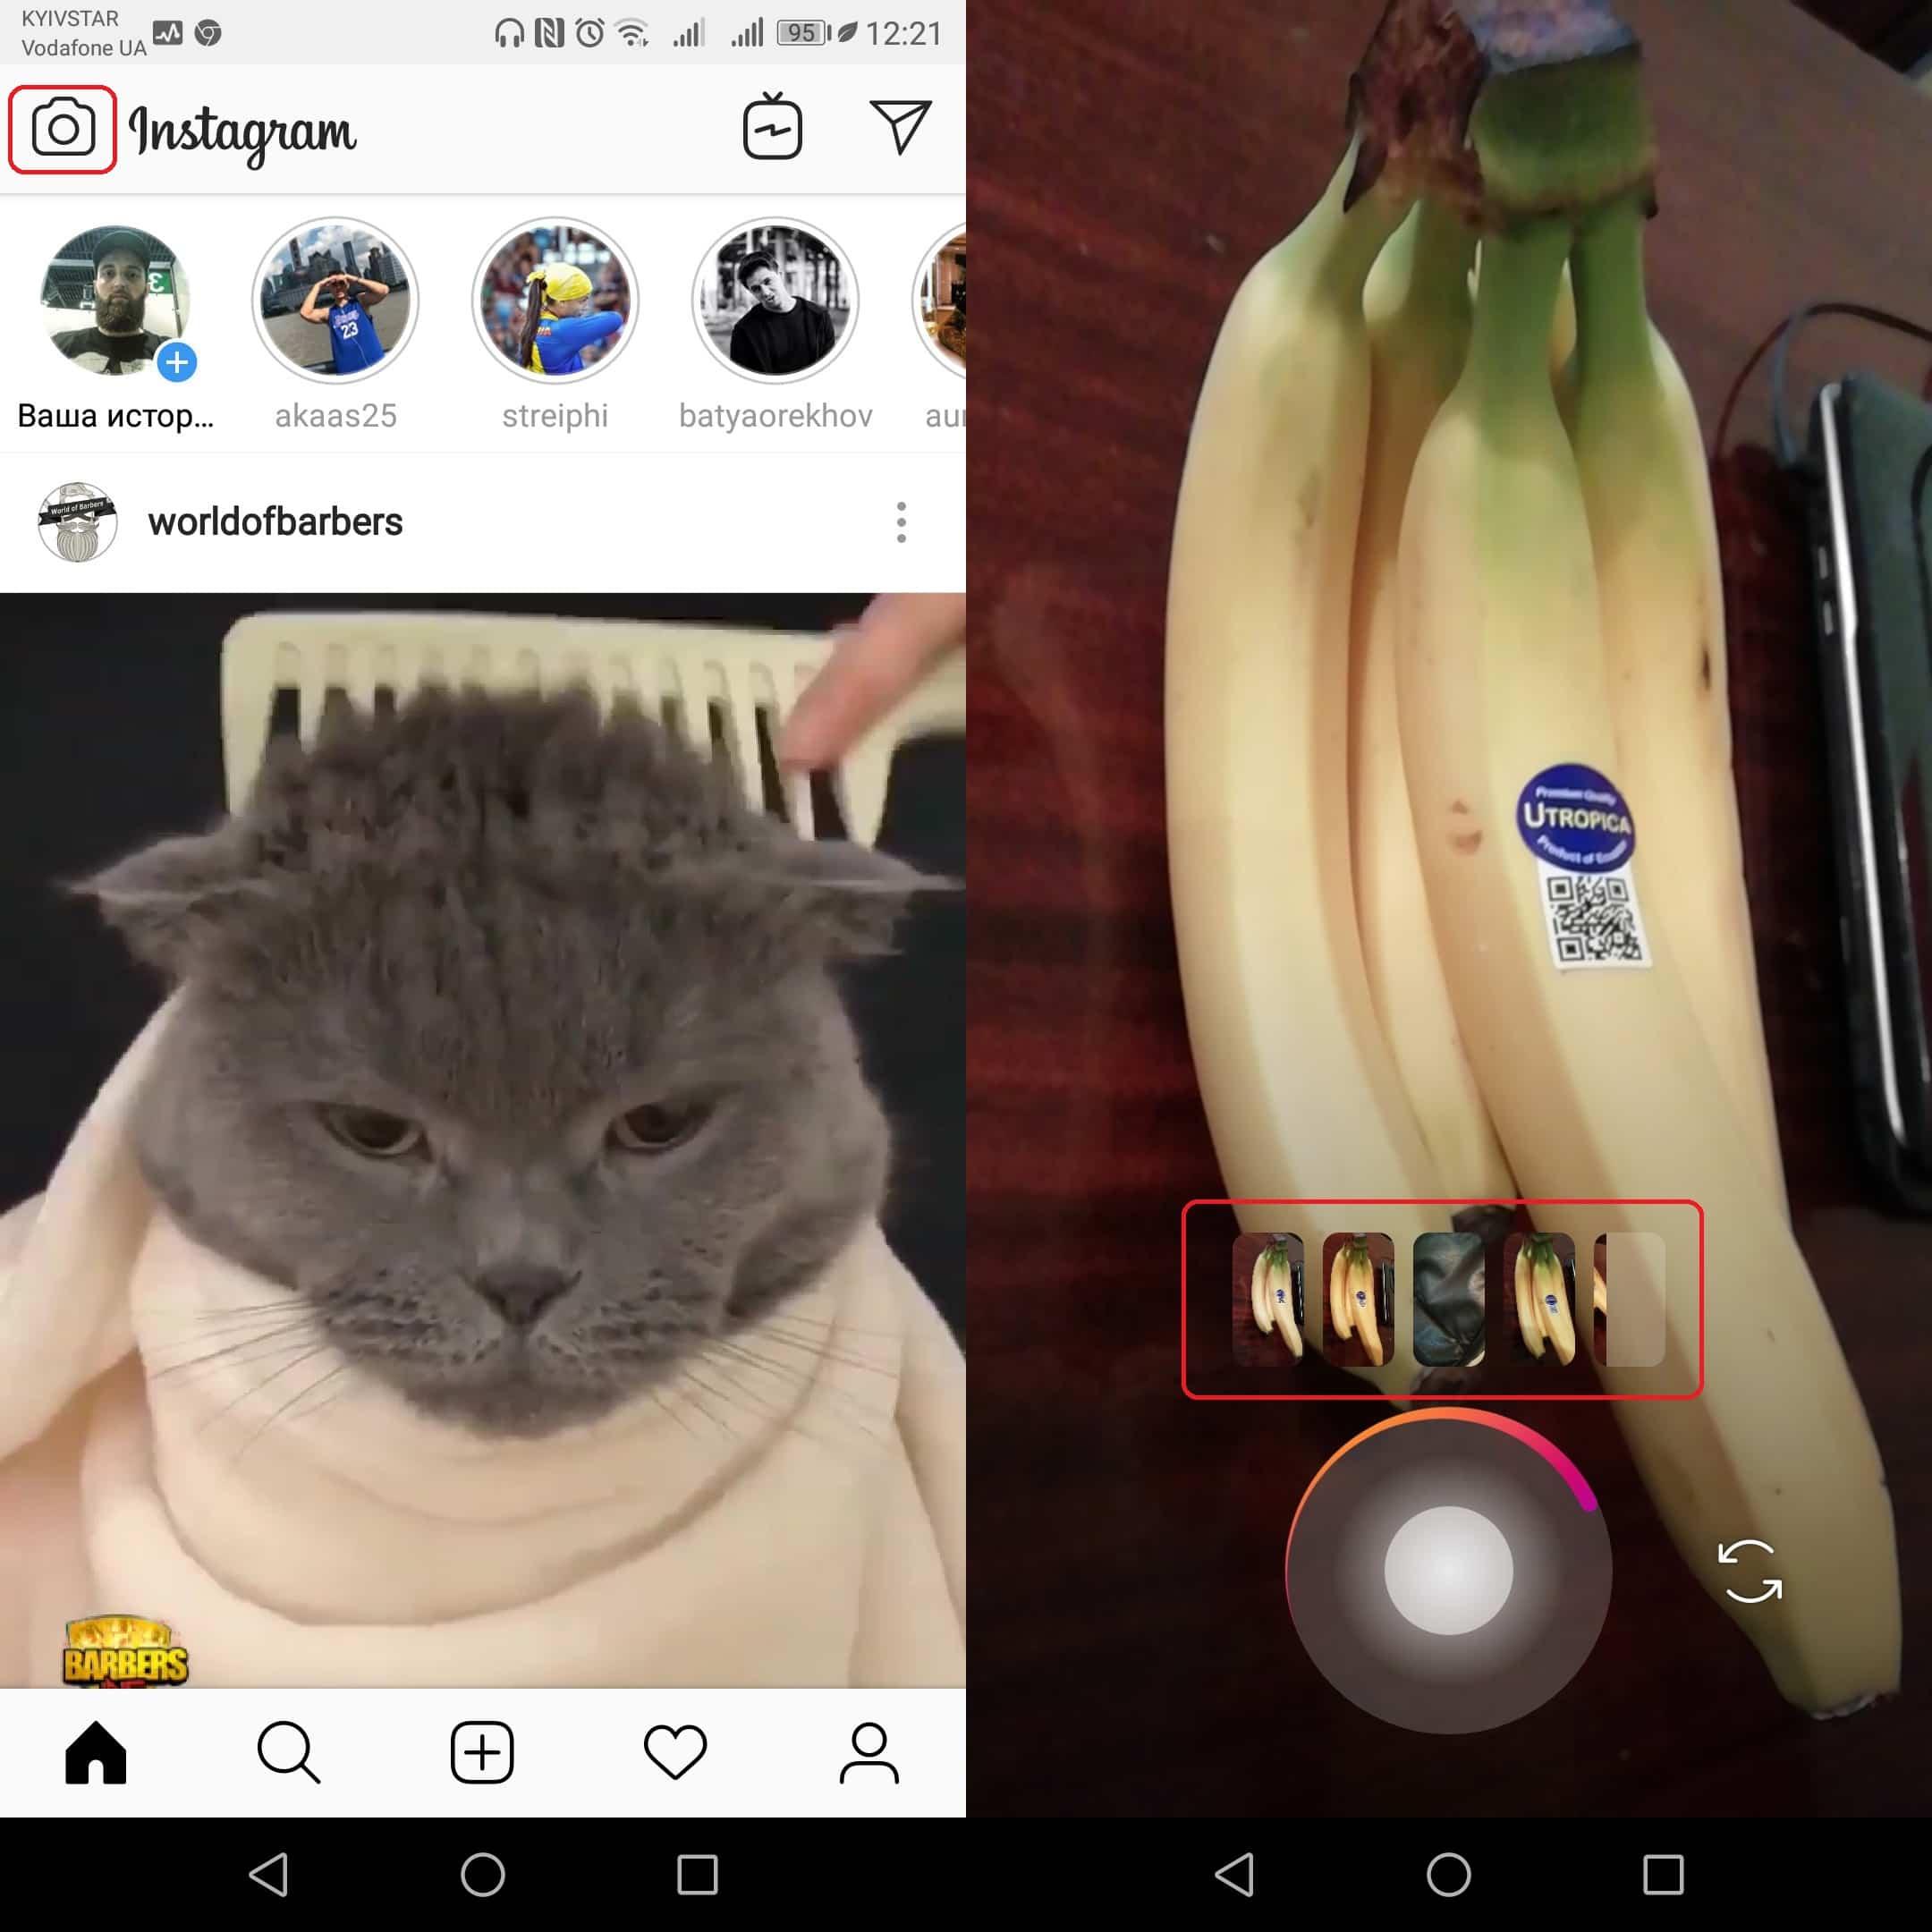 Картинка 3 Как выложить длинное видео в Instagram Stories